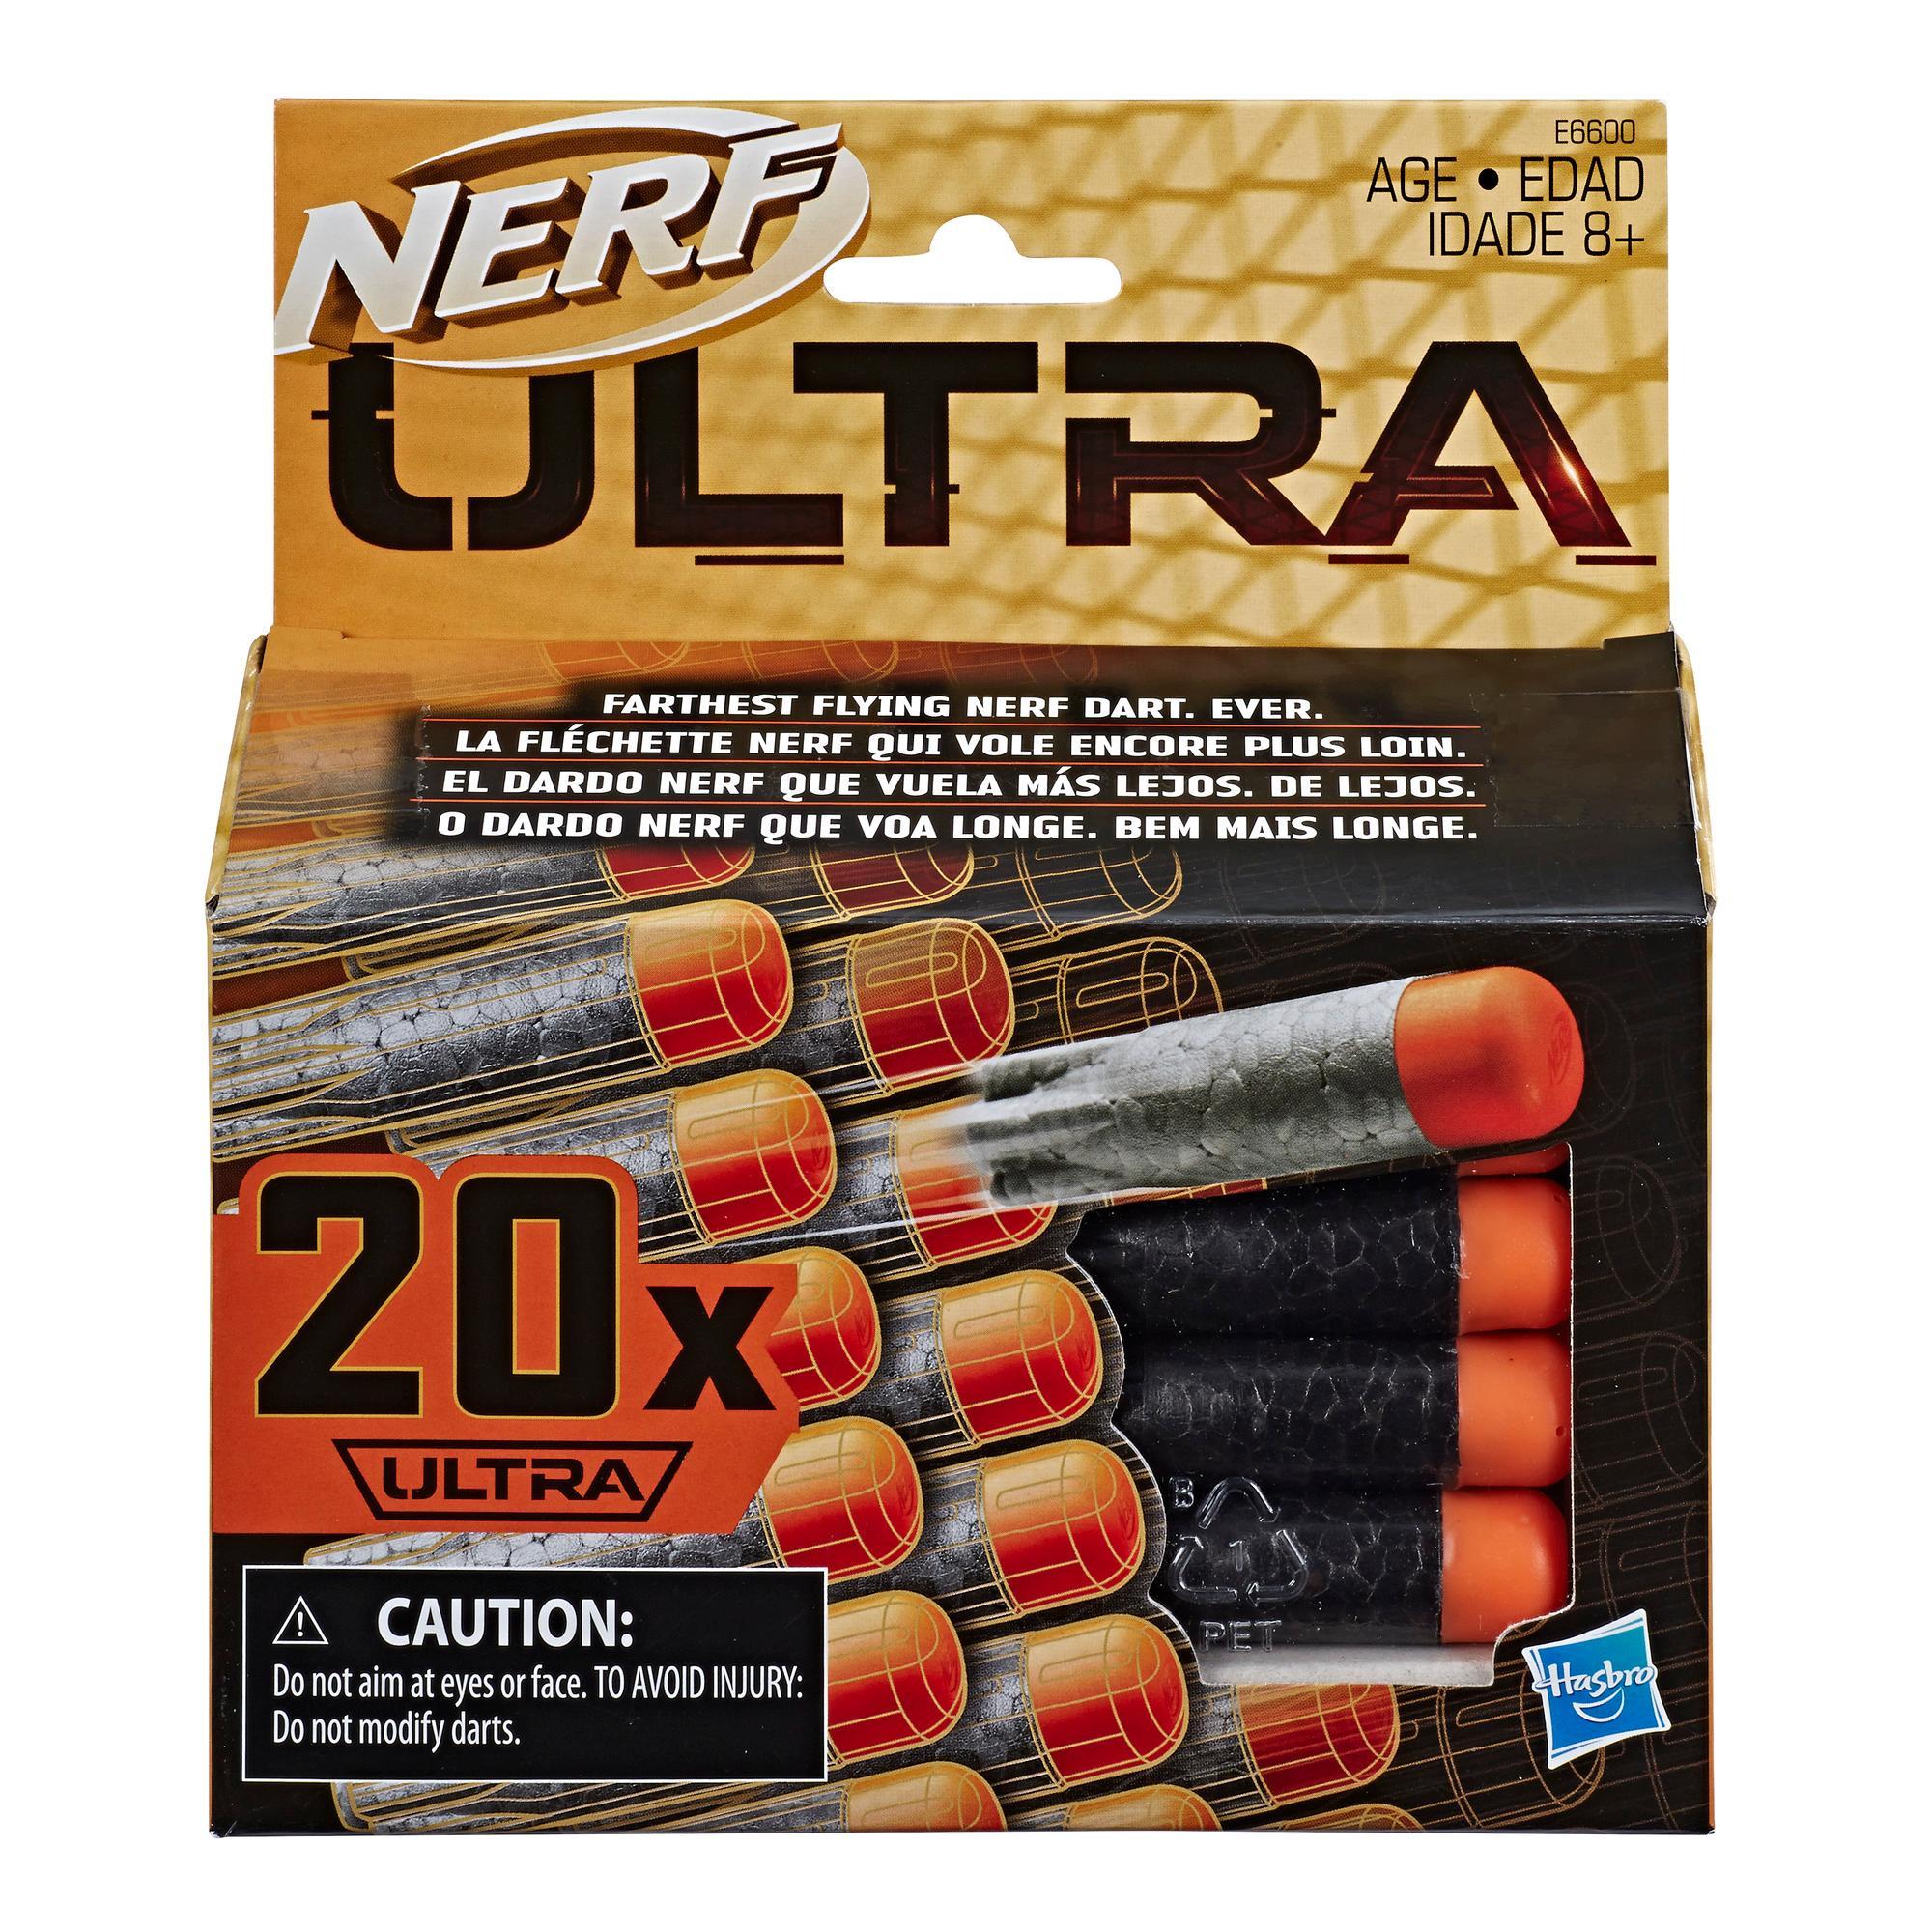 Nerf Ultra One Confezione di ricarica da 20 dardi - I dardi che volano più lontano che mai - Compatibile soltanto con i blaster Nerf Ultra One